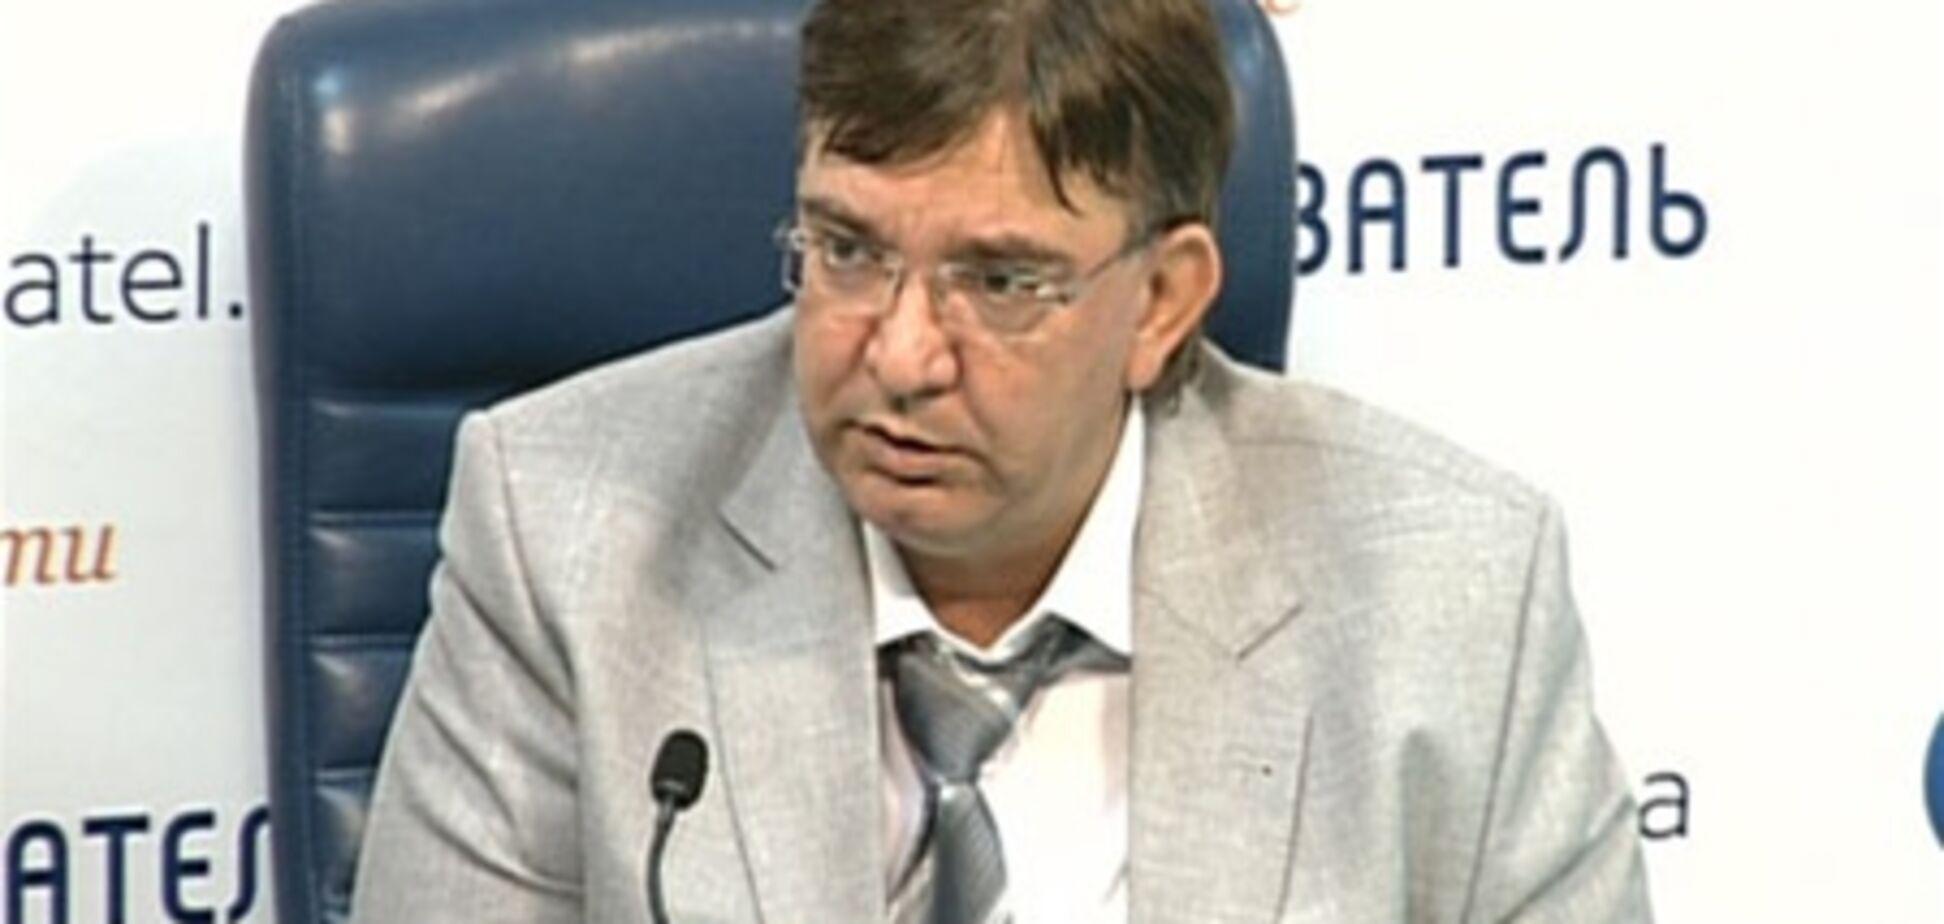 Багиров предлагает сажать преступников-милиционеров в общие камеры